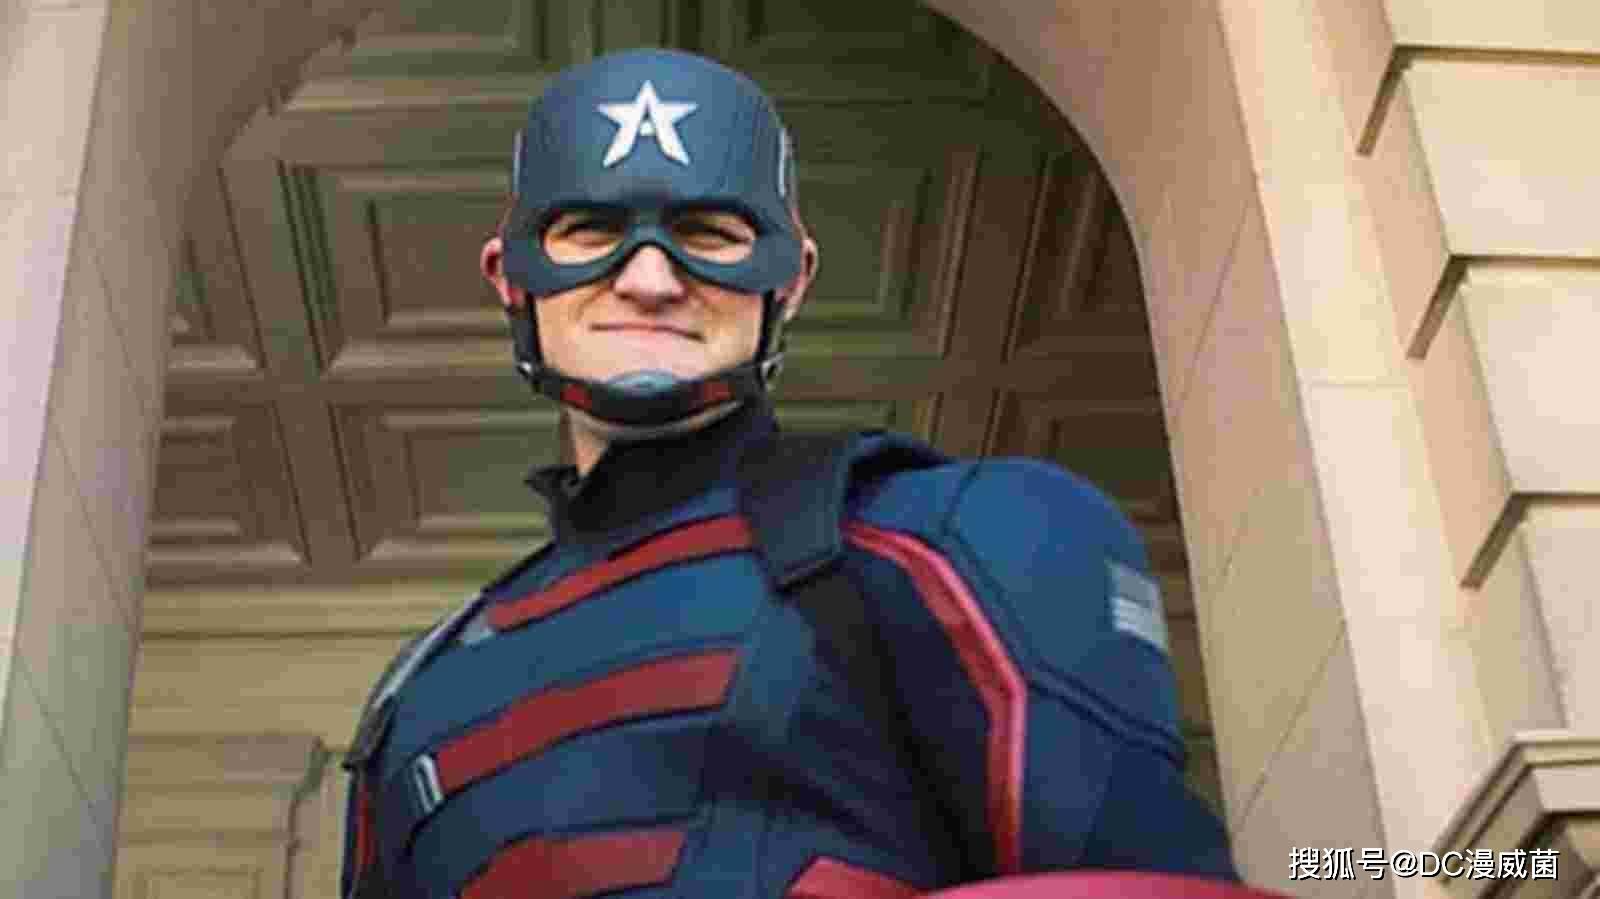 《猎鹰与冬兵》:新美国队长与老美队还真有点渊源!_史蒂夫·罗杰斯